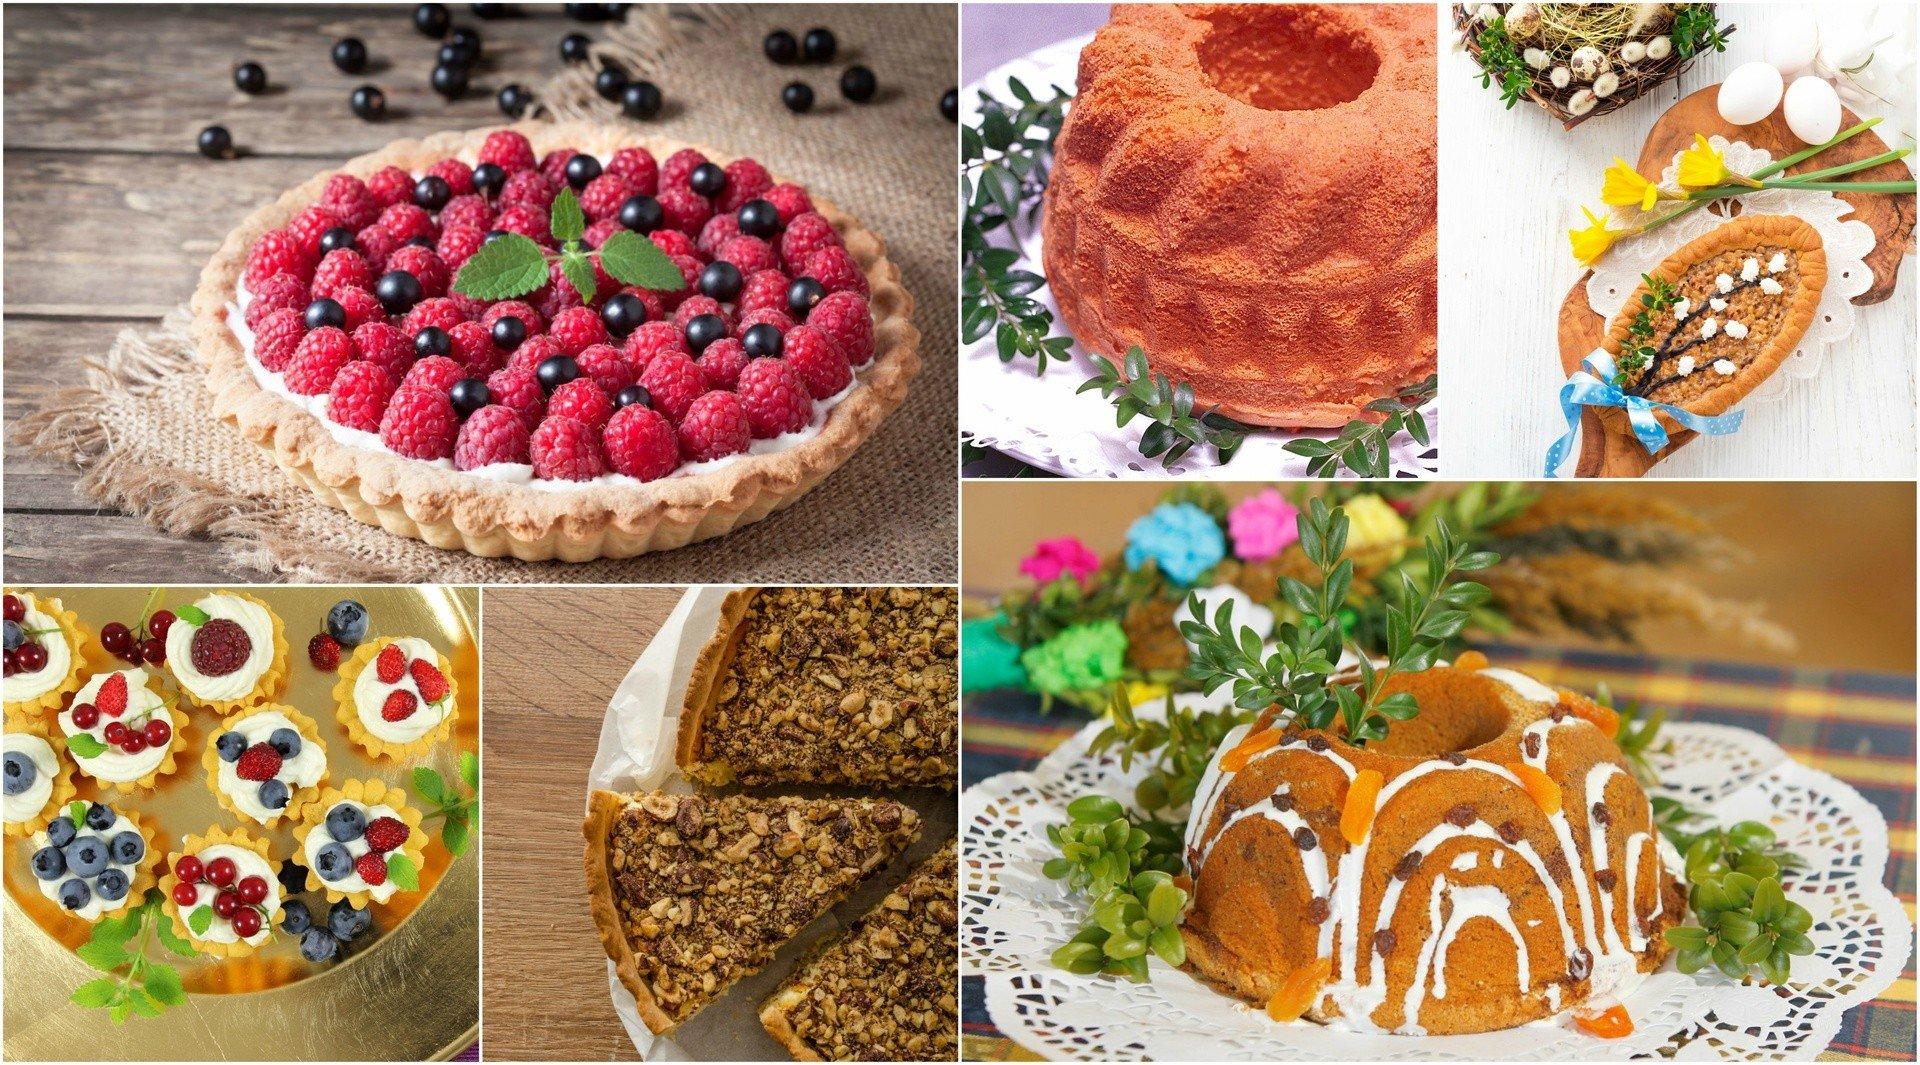 Szybkie I Latwe Przepisy Na Ciasta Wielkanocne Sprawdz Najlepsze